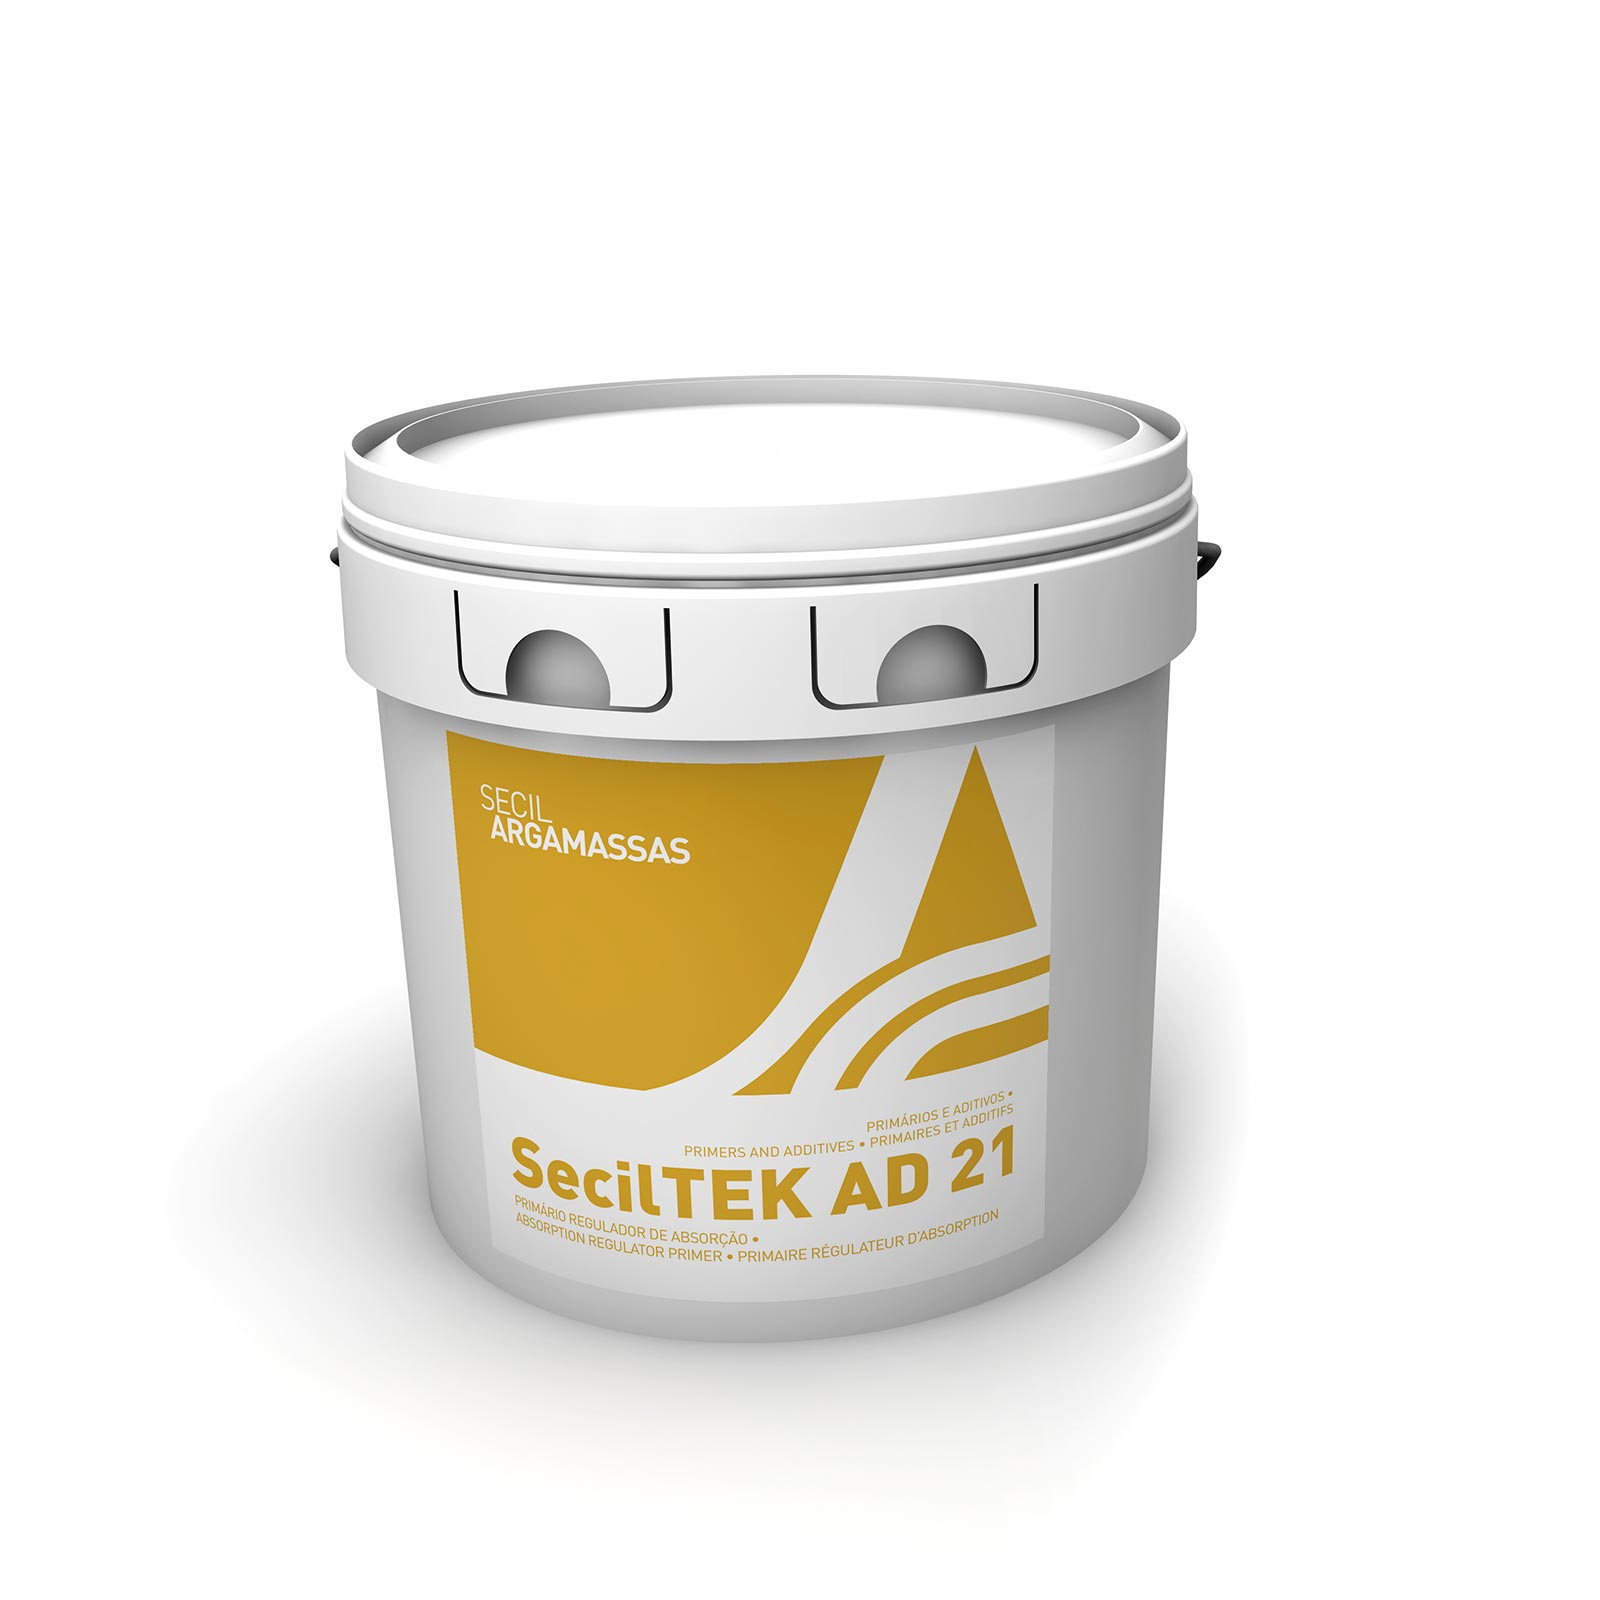 SecilTEK AD 21